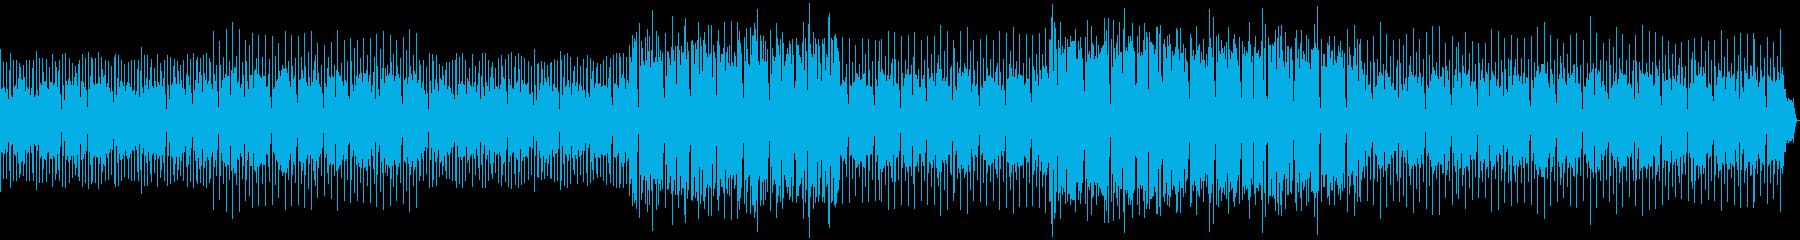 壮大なイメージで作ってみましたの再生済みの波形